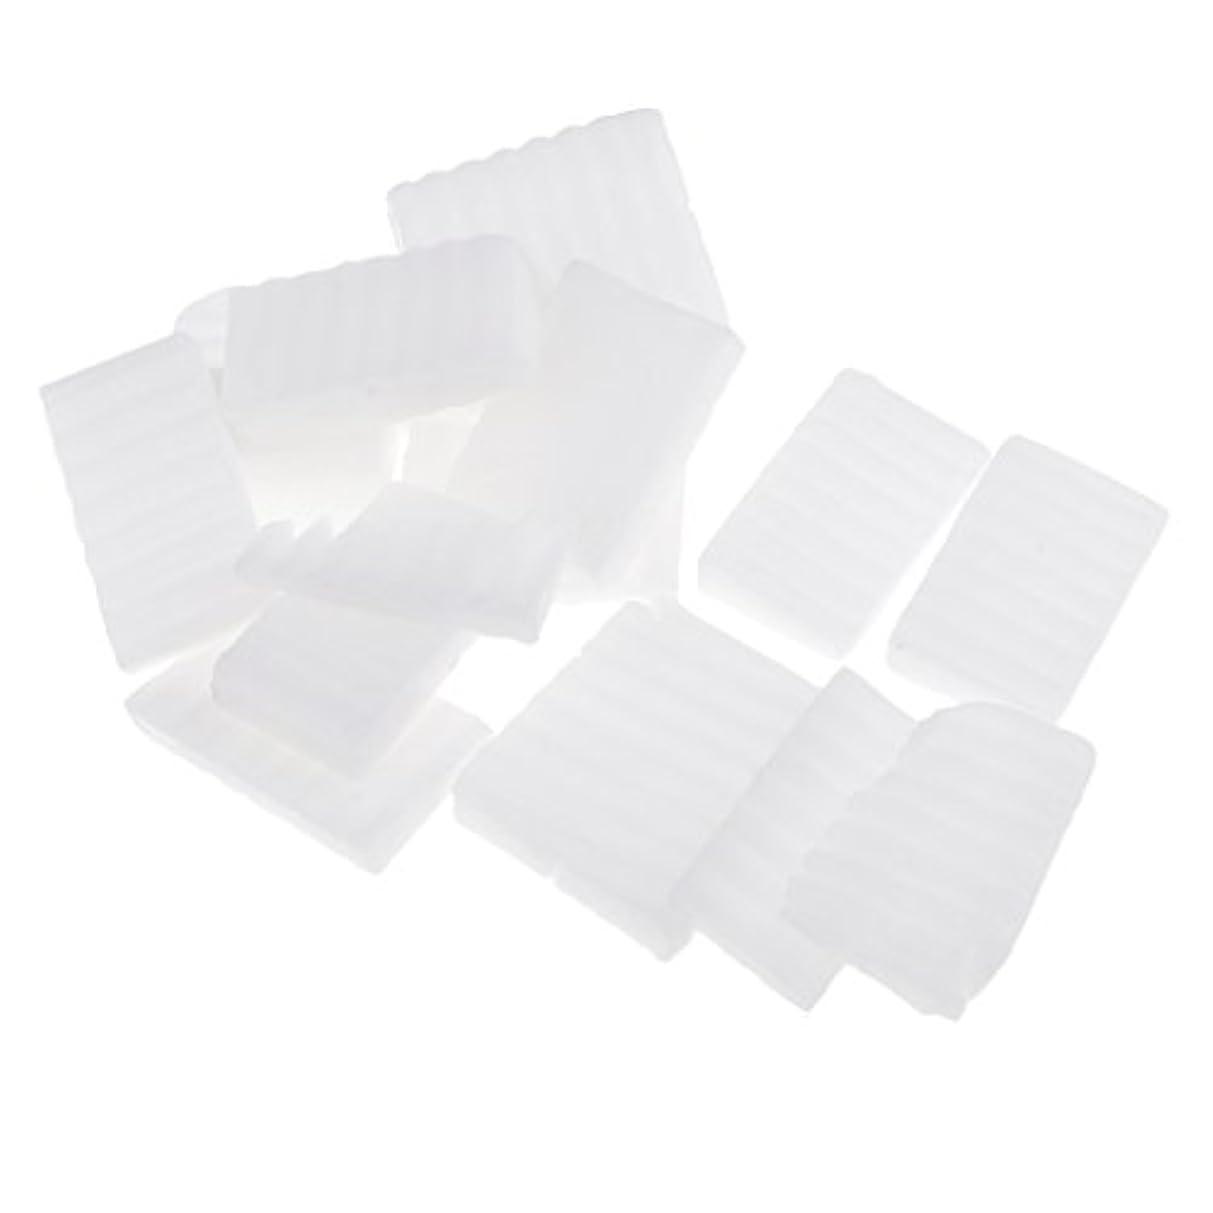 ヒューム発送マサッチョPerfeclan 約500g ホワイト 石鹸ベース DIY 手作り 石鹸 材料